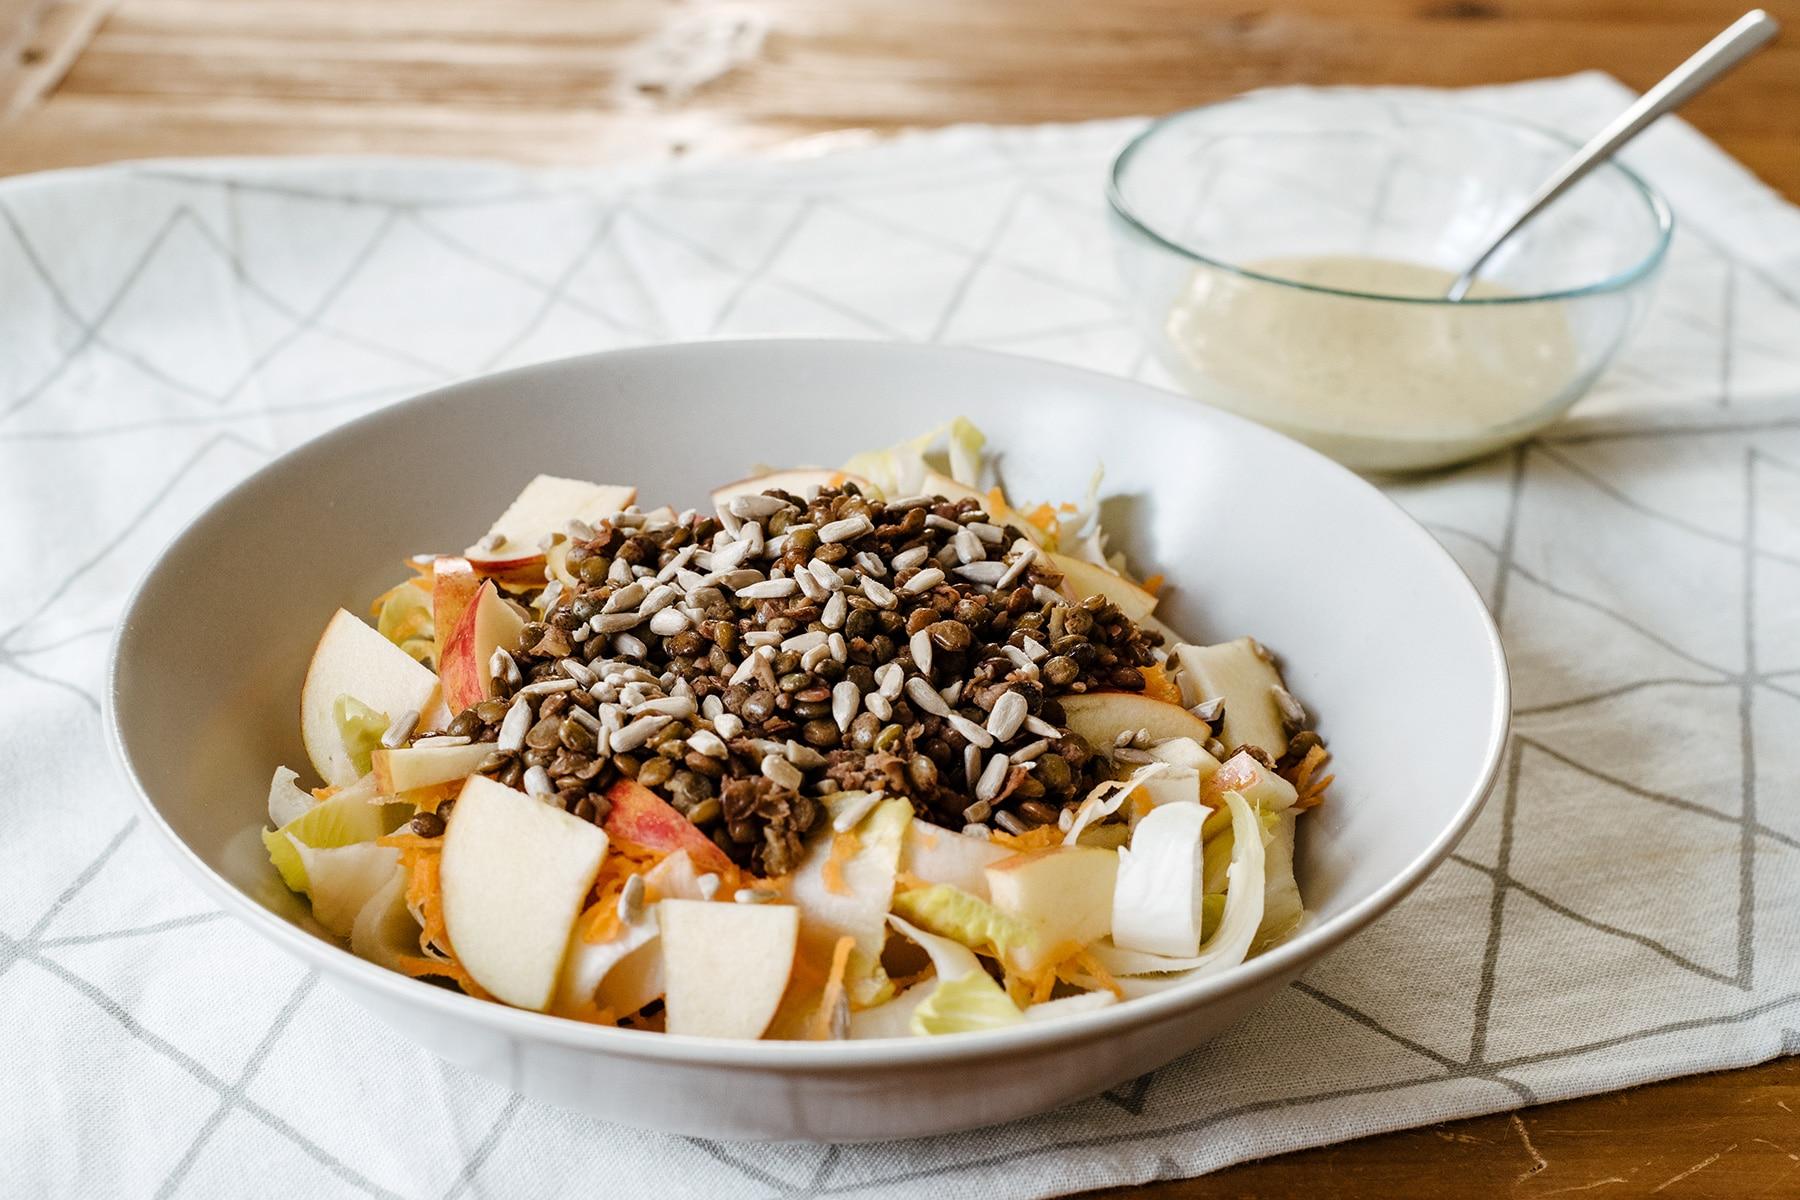 Salade hivernale: endives, carottes râpées, pomme, lentilles vertes